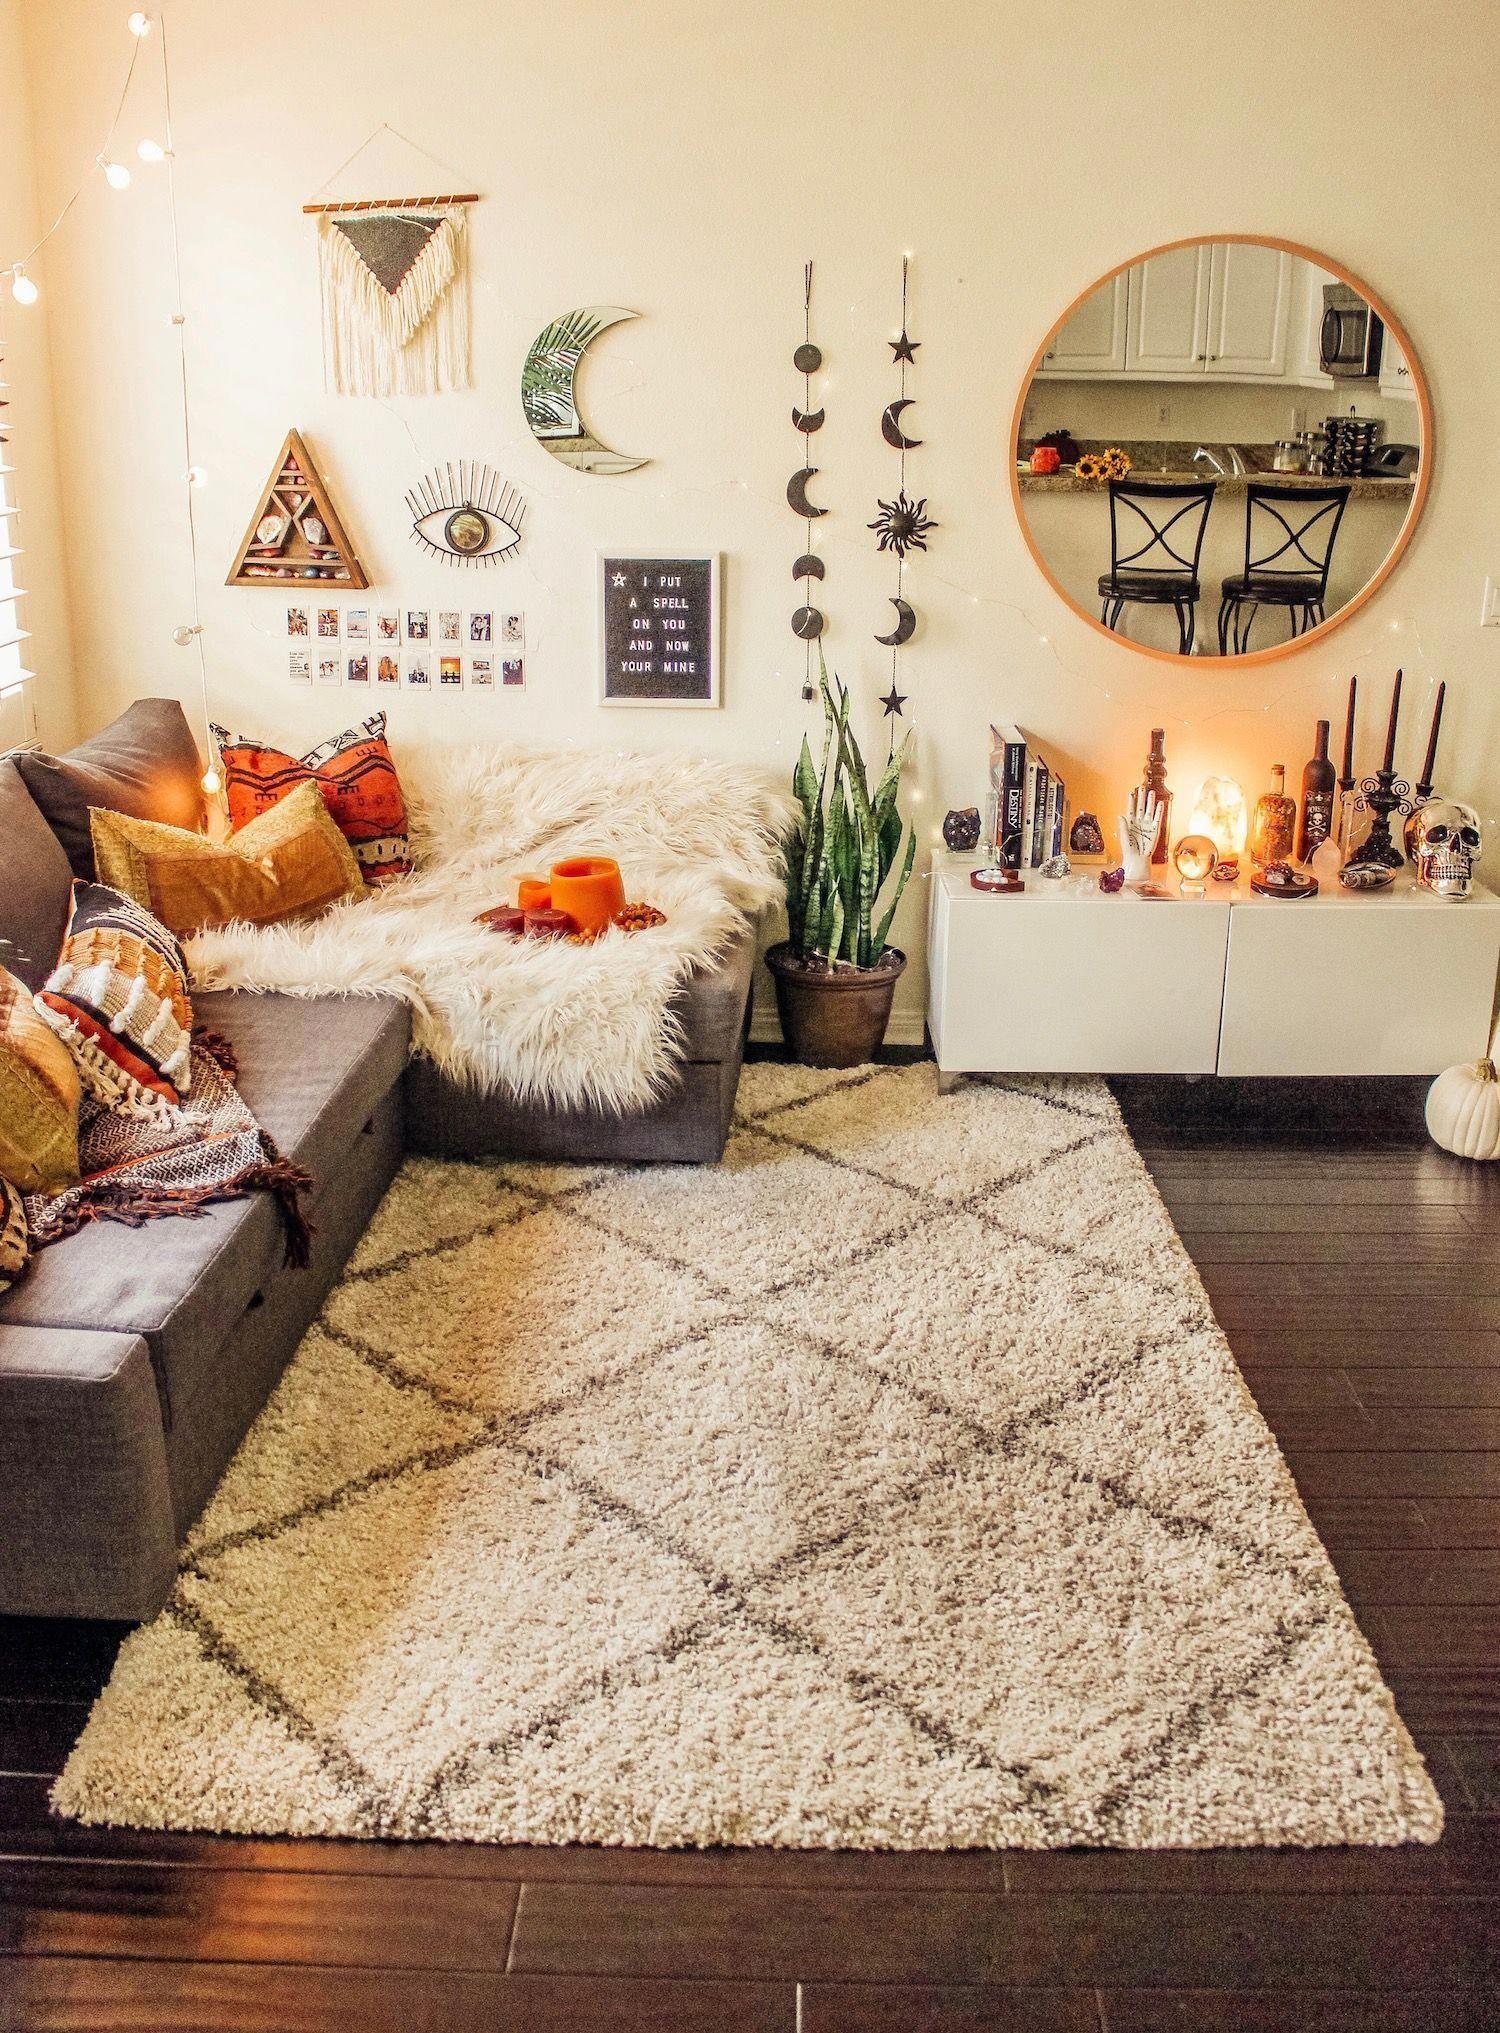 Living Room Aesthetic